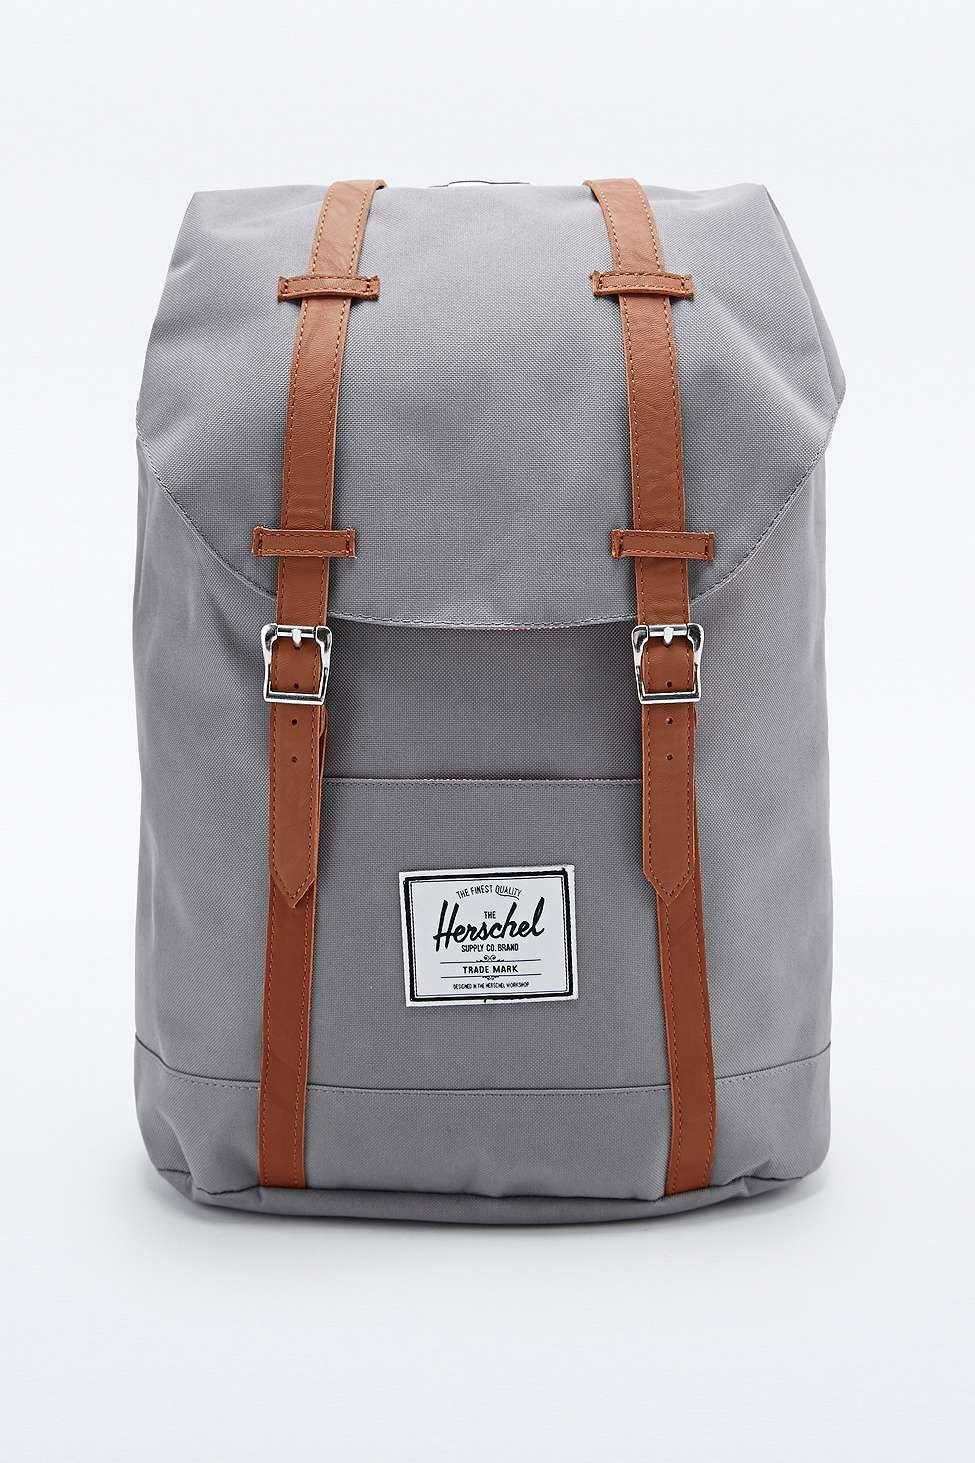 Herschel Supply co. Retreat Backpack in Grey Herschel Supply Co, Backpack  Bags, Urban 9af2a79502